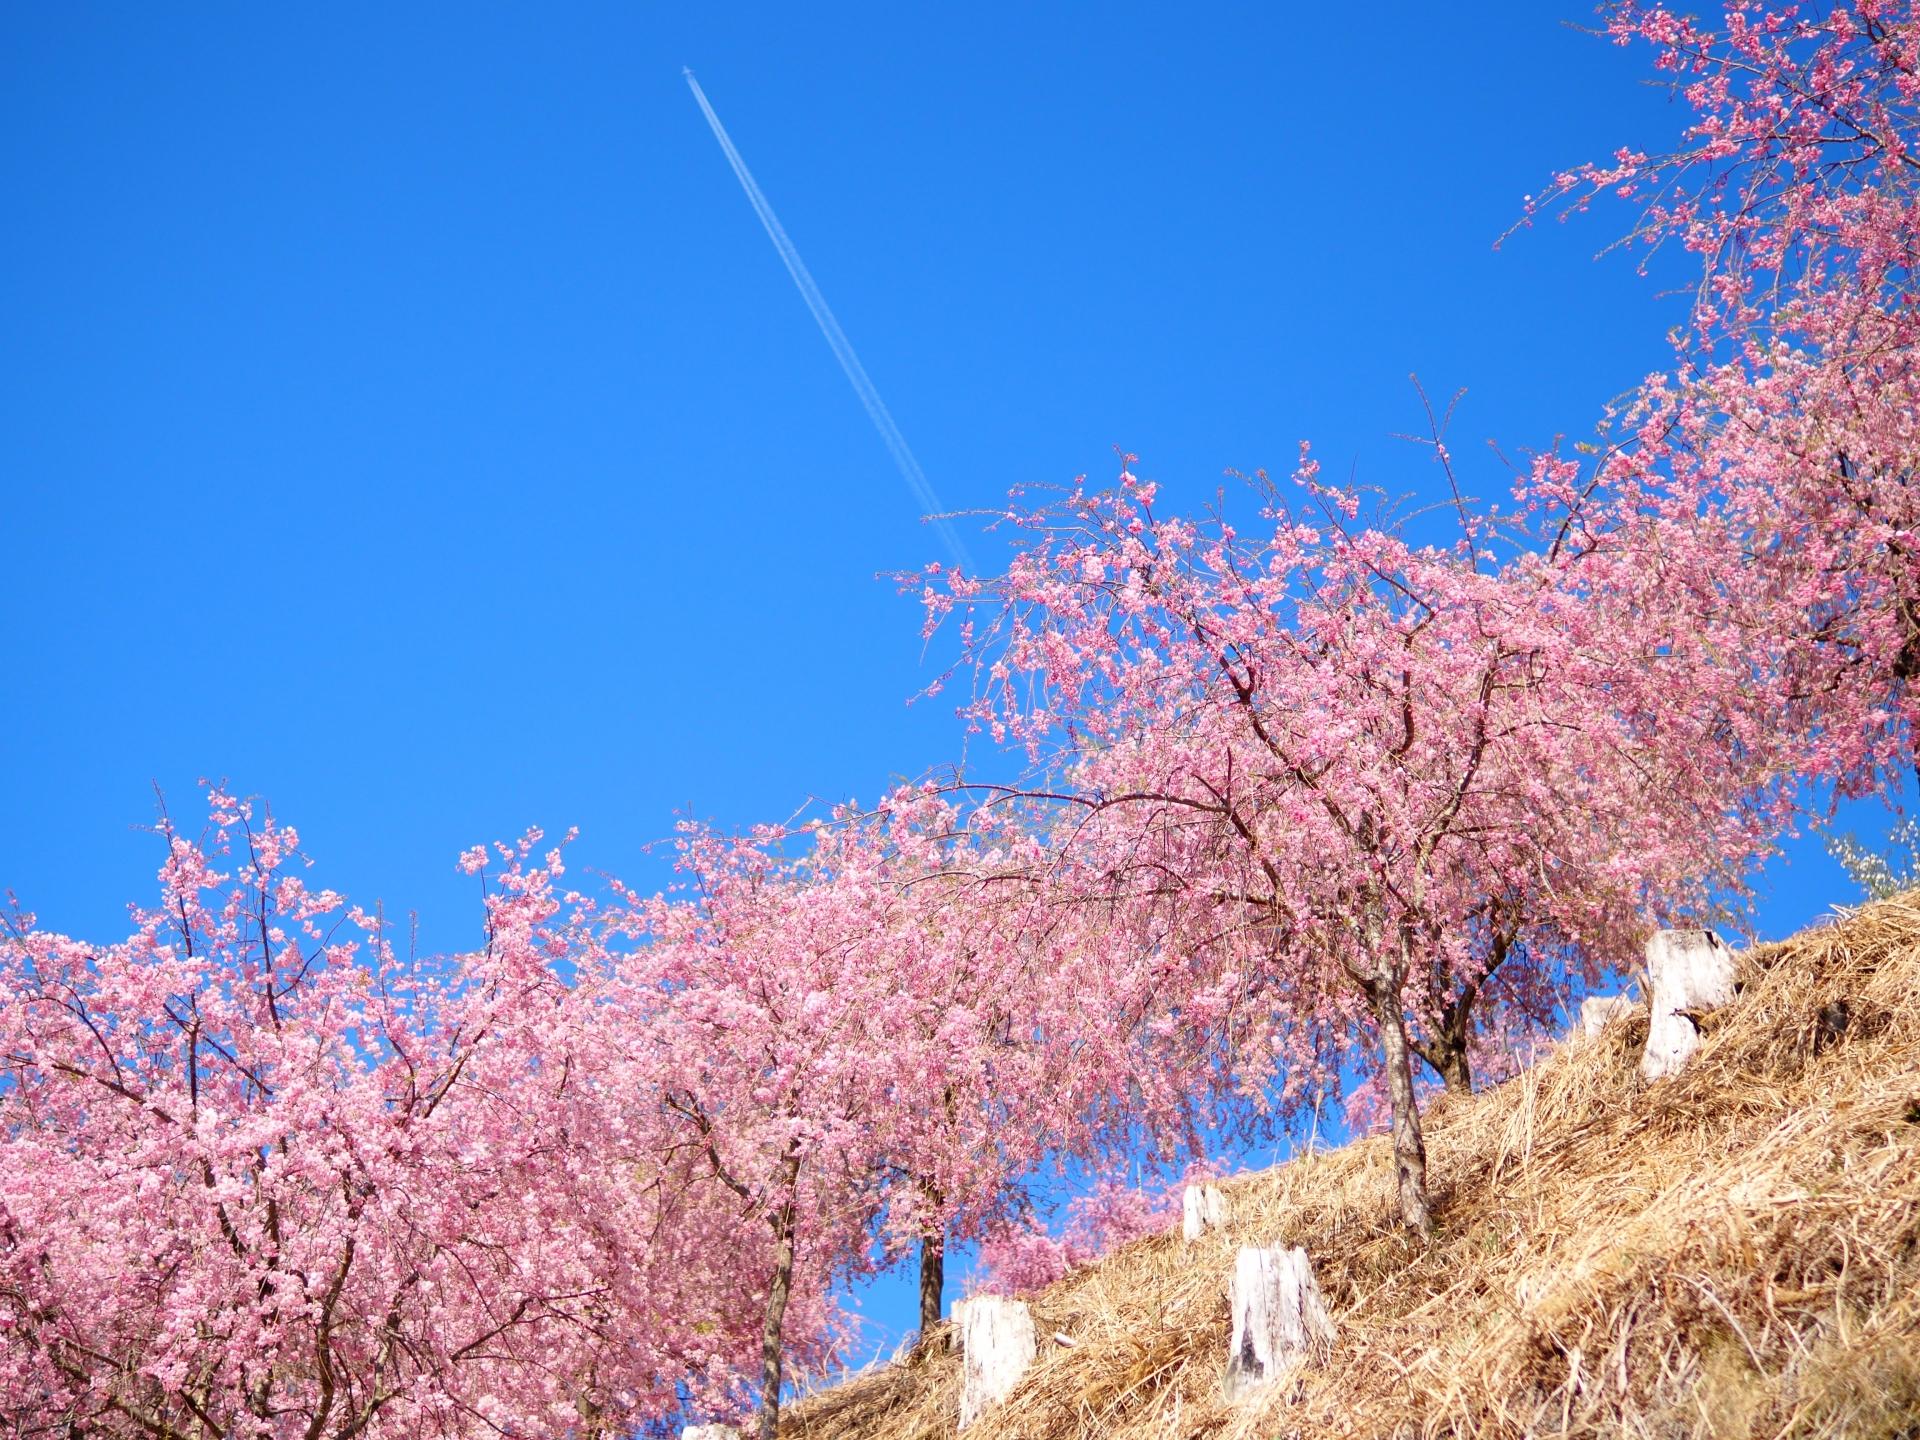 2413369_m 奈良県  高見の郷(1000本のしだれ桜が咲き誇る春におすすめの桜スポット! 写真の紹介、アクセス情報や駐車場情報など)